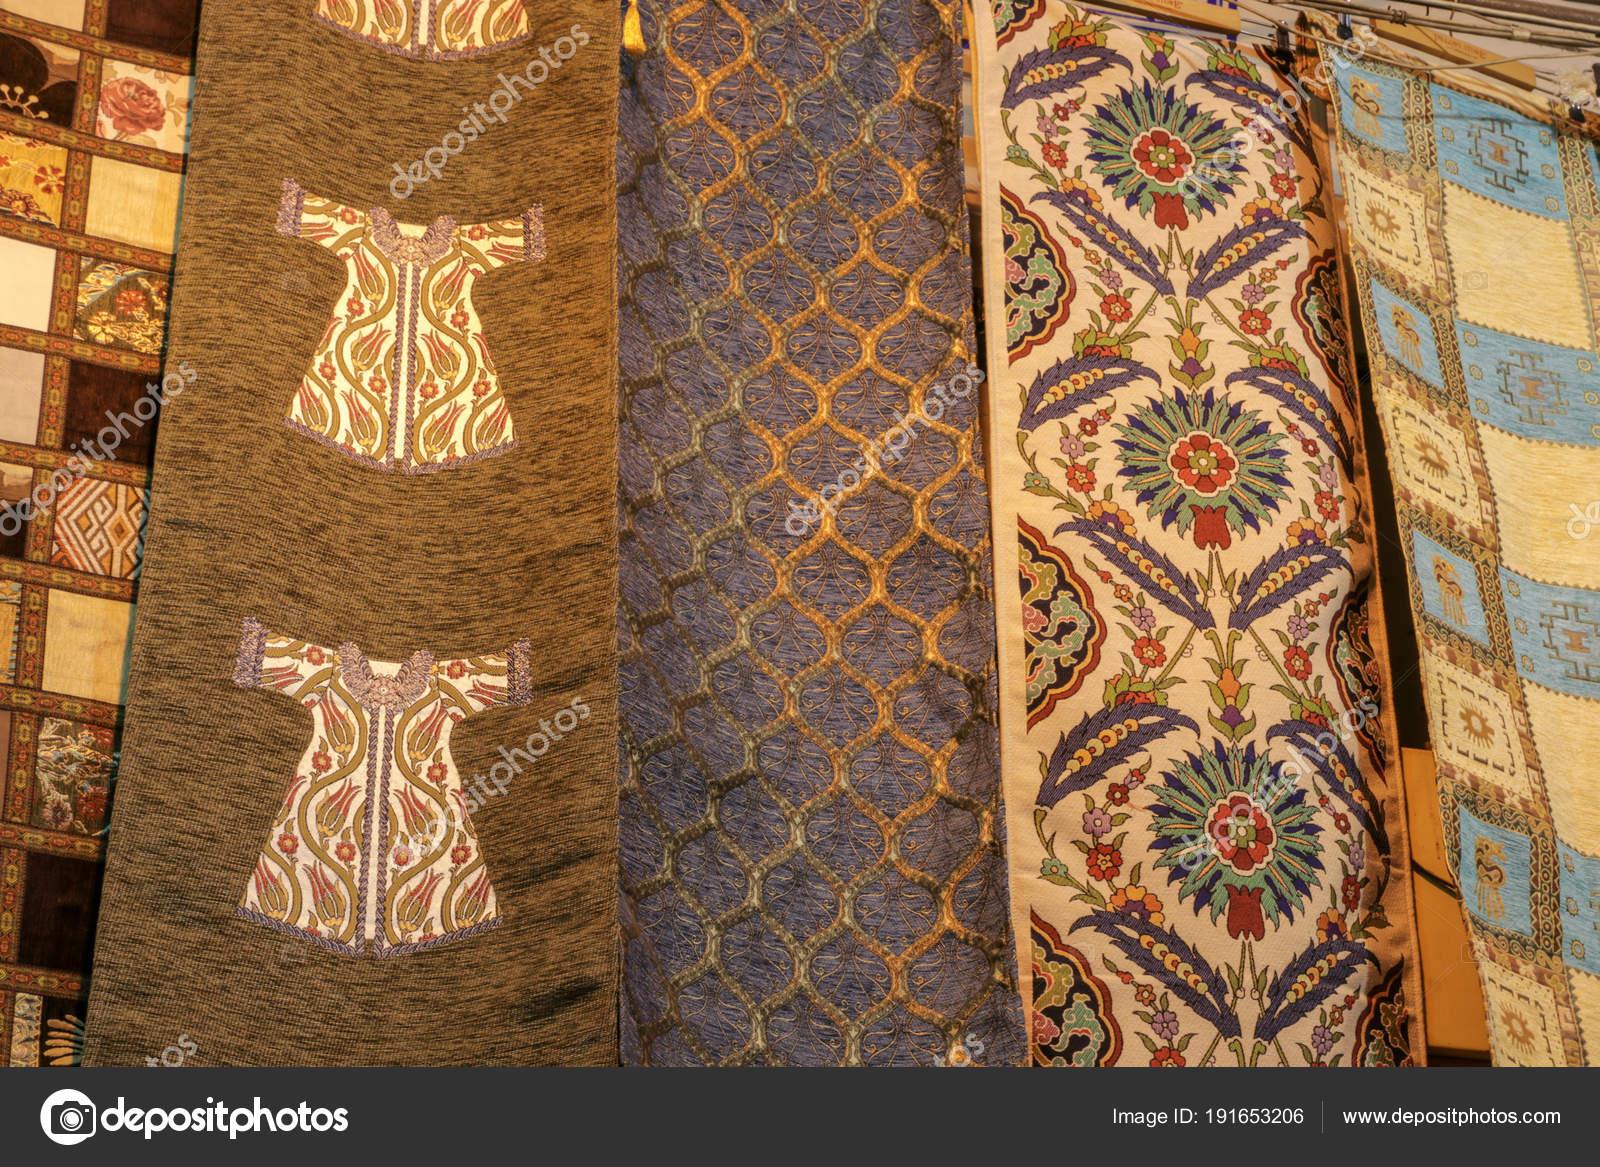 Stoffen Voor Kussens : Traditioneel patroon kussens stoffen tapijten u2014 stockfoto